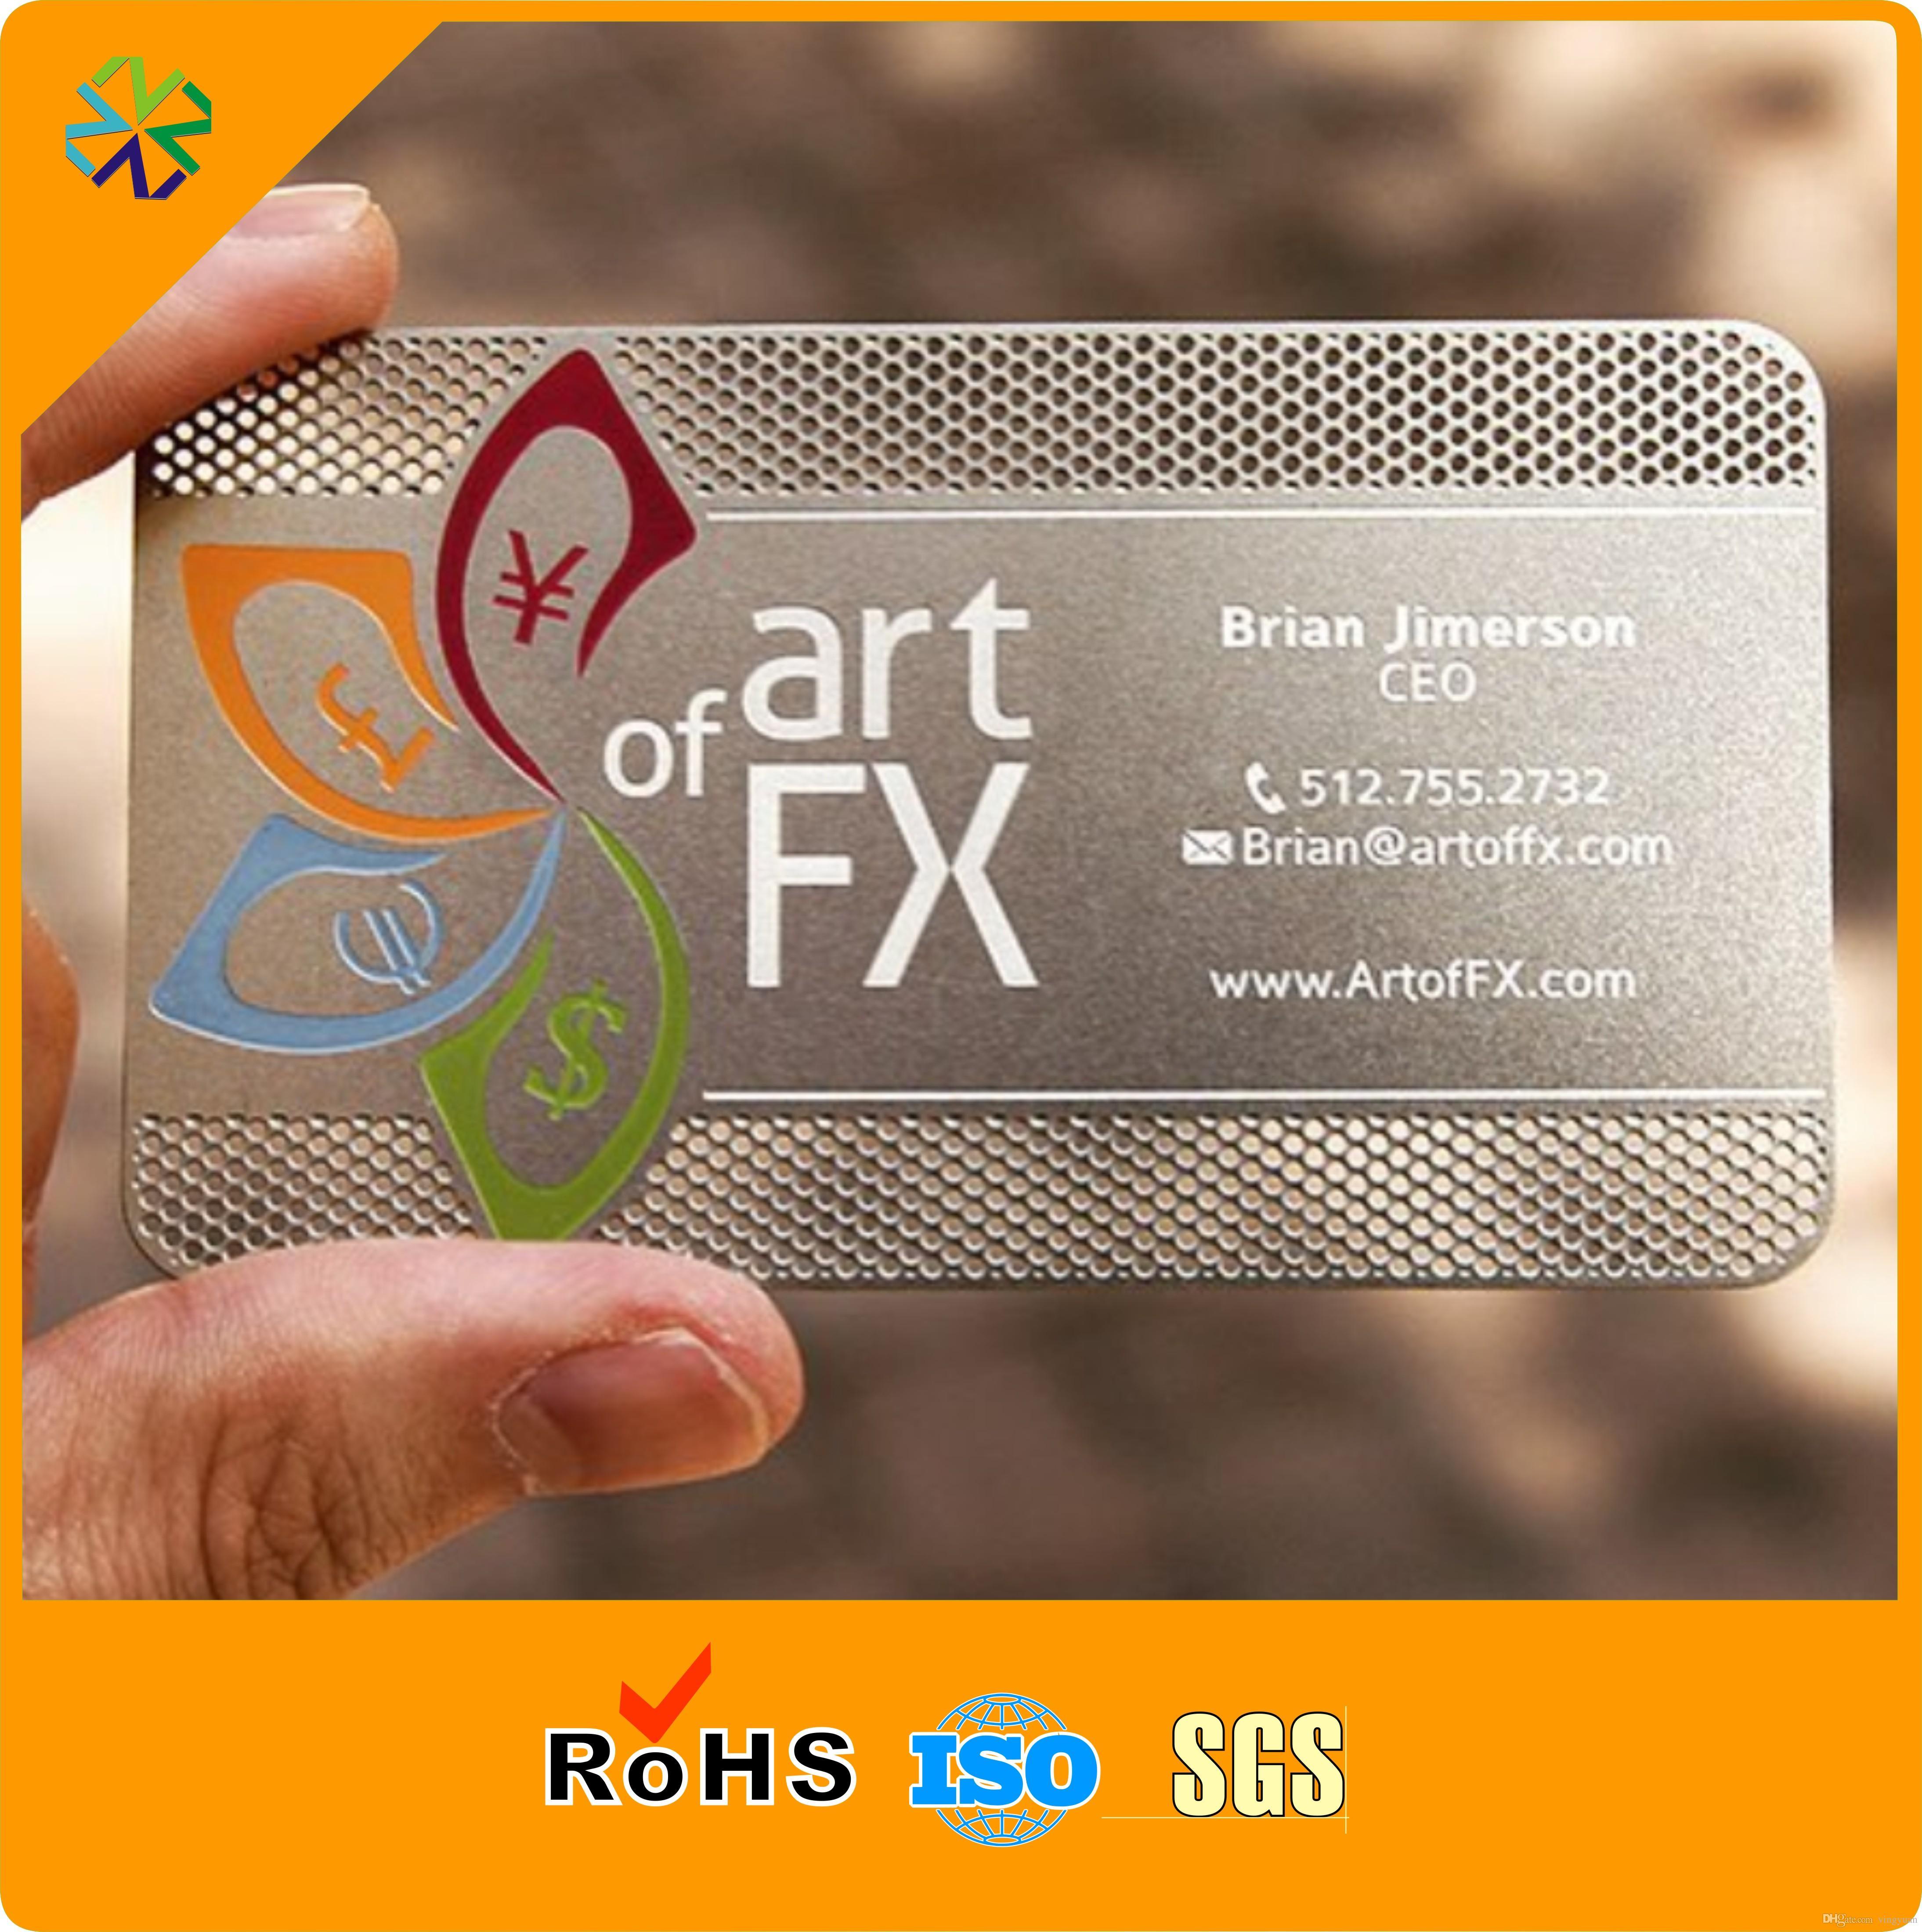 Carta in acciaio con effetto metallo spazzolato materiale acciaio inossidabile CR80 con stampa e placcatura in seta